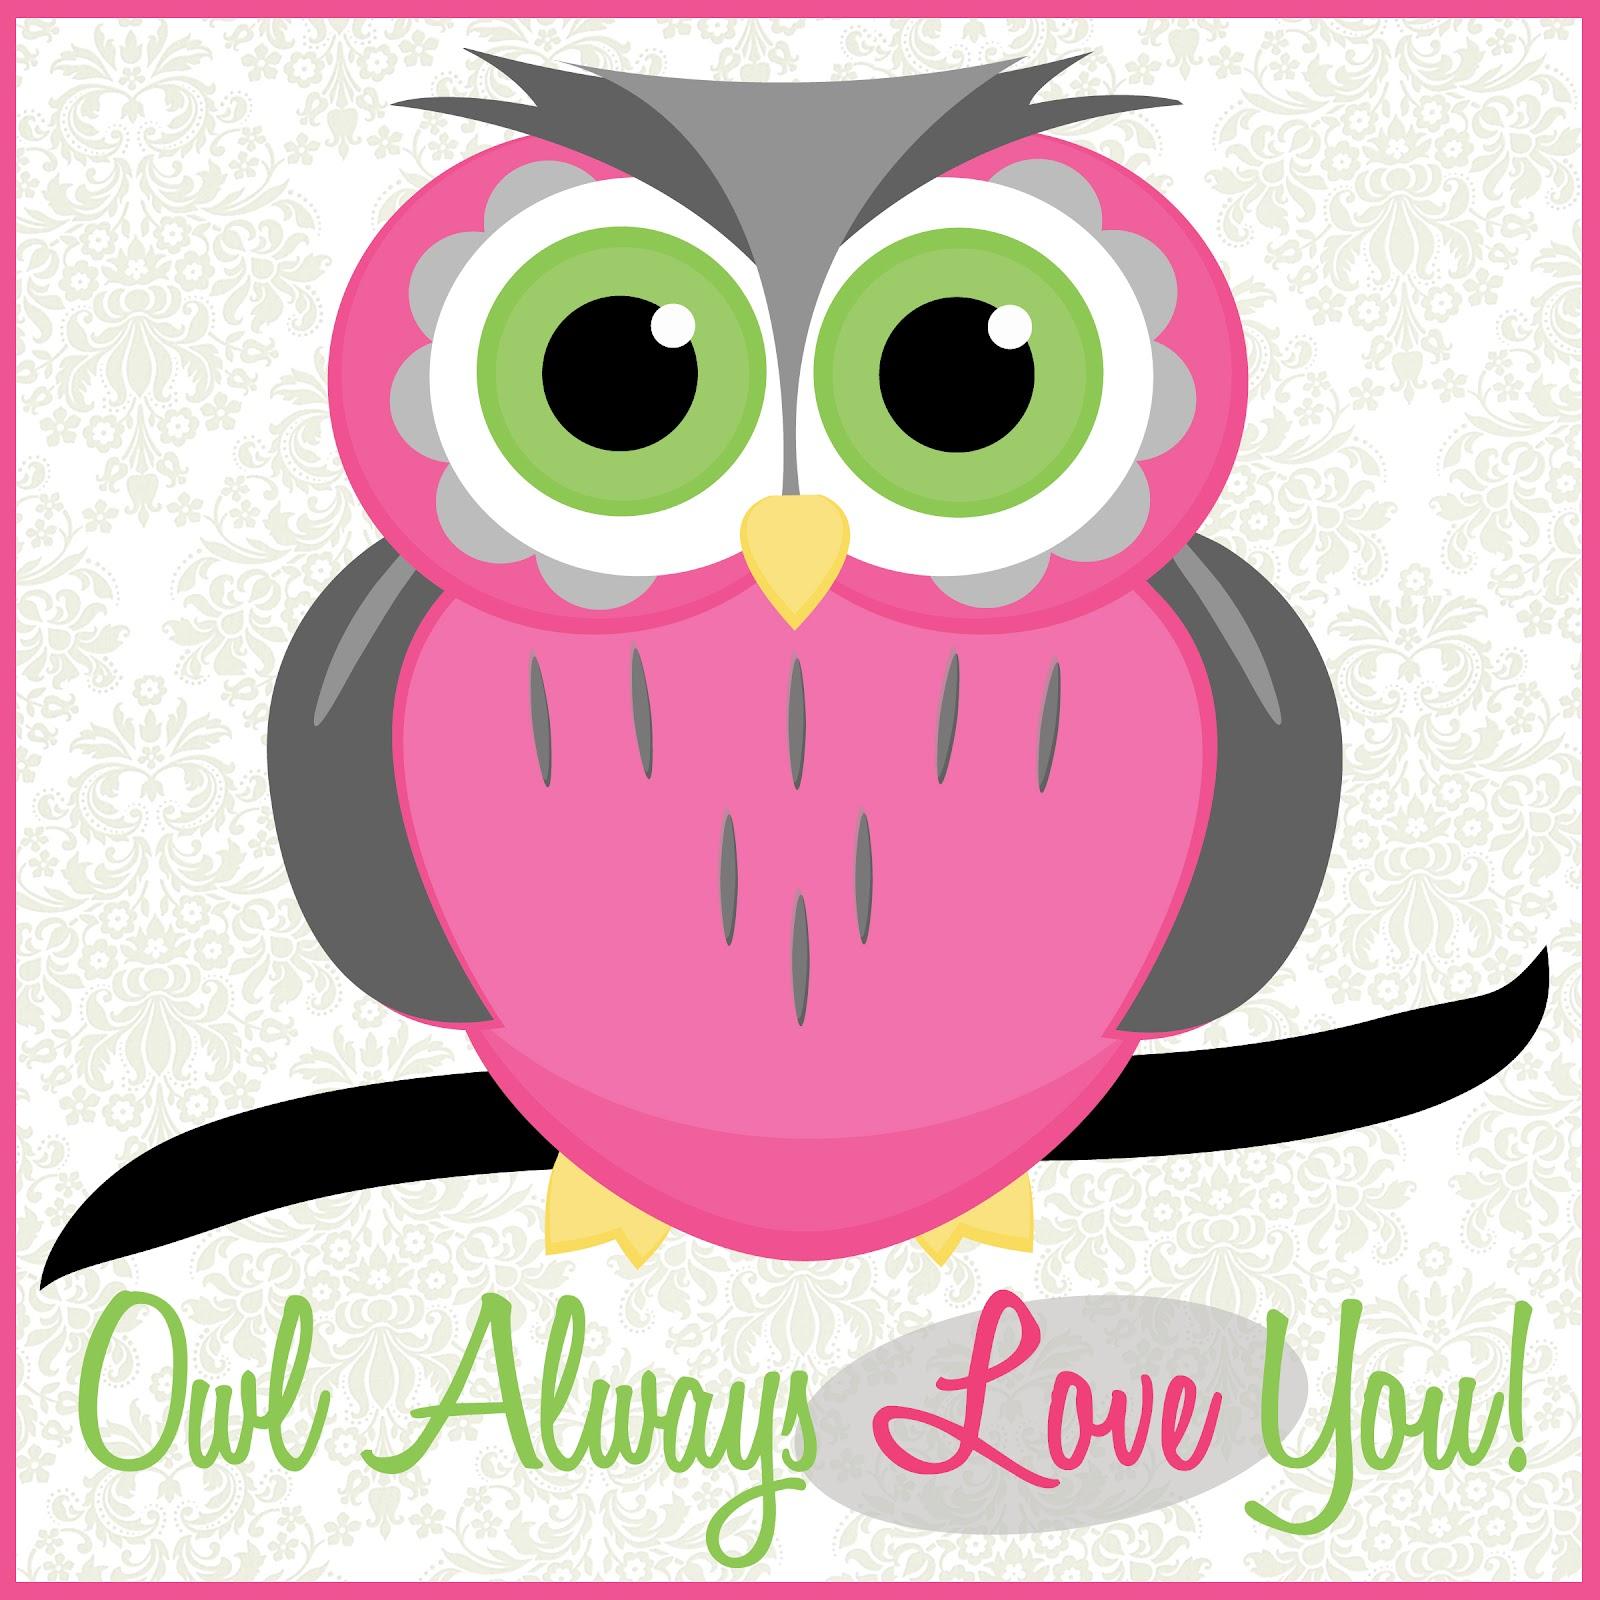 49 cartoon owl desktop wallpaper on wallpapersafari - Cute screensavers for kids ...